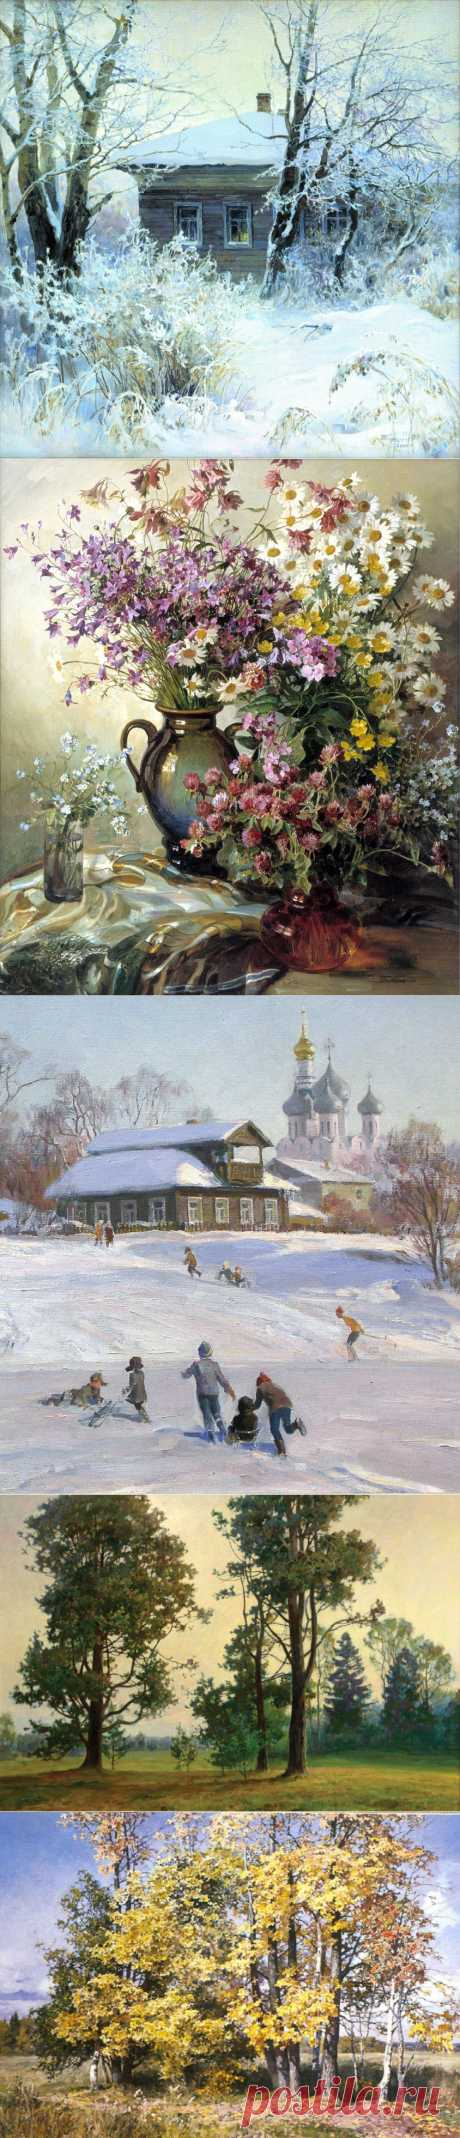 Олег Александрович Бороздин - замечательный вологодский художник.